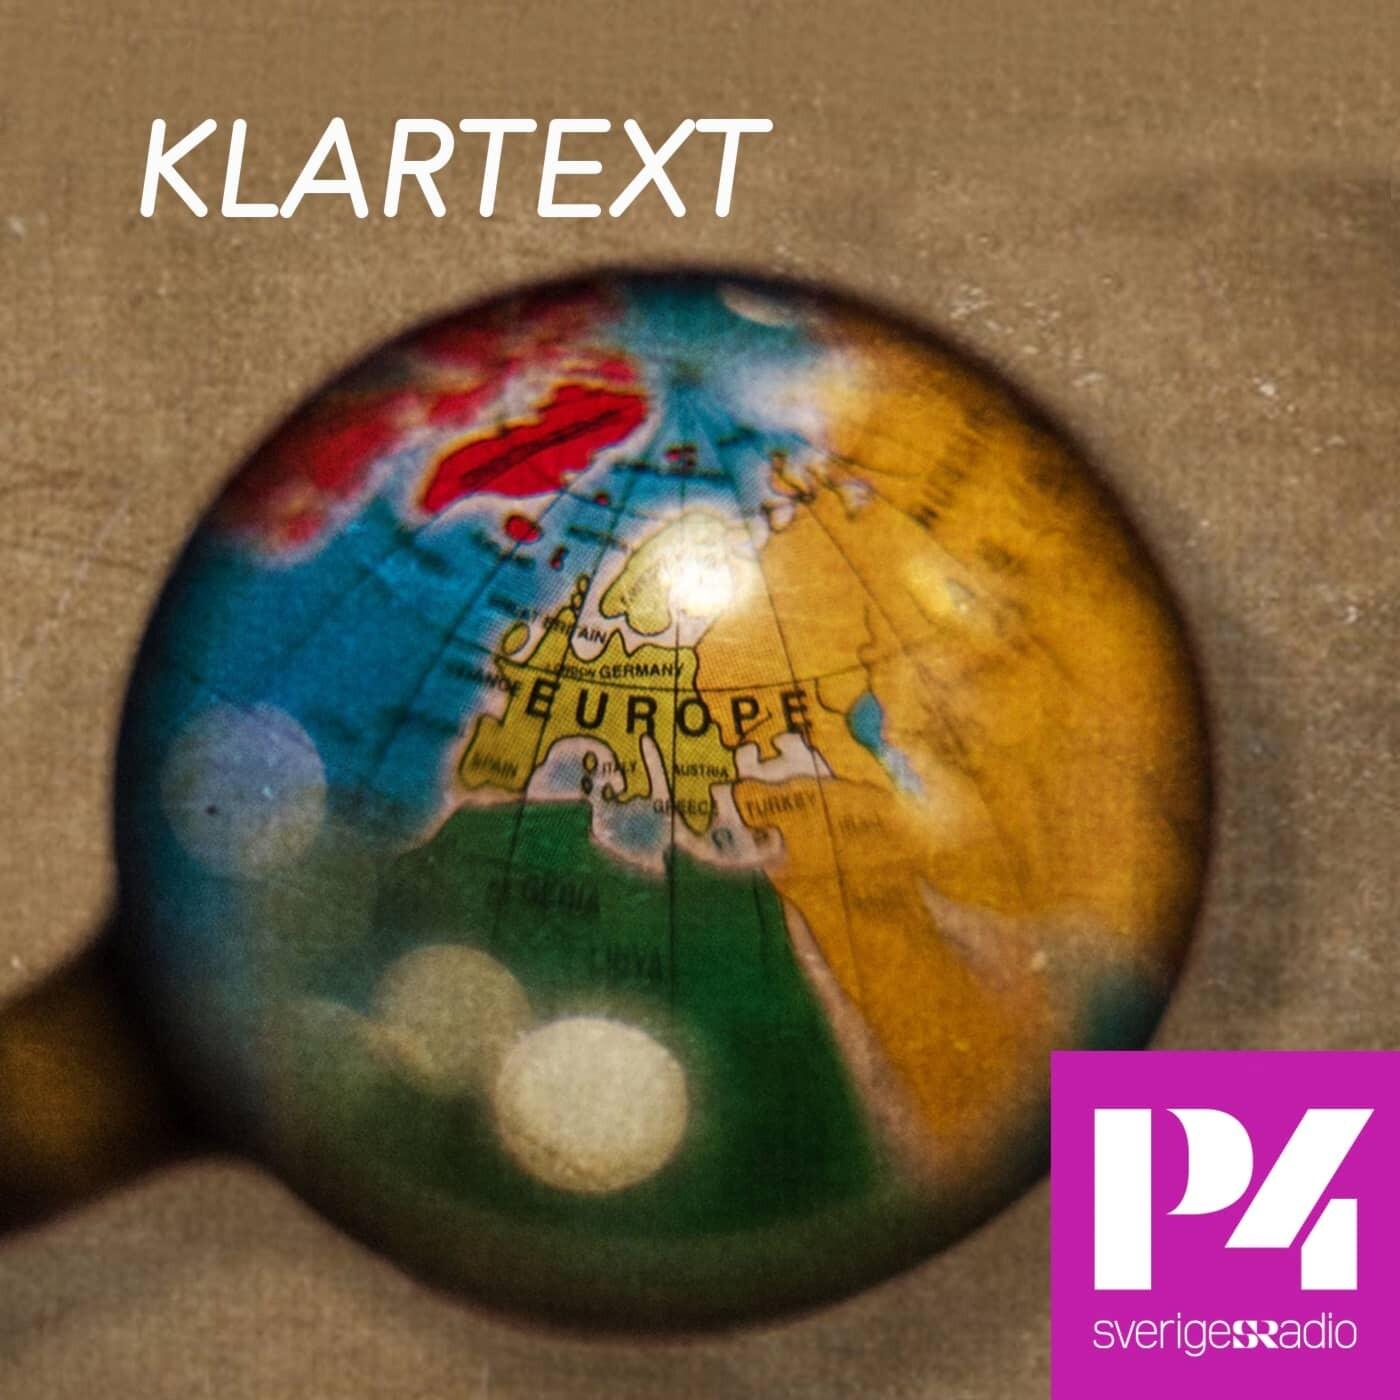 Klartext - nyheter på ett enklare sätt 2020-10-20 kl. 20.55